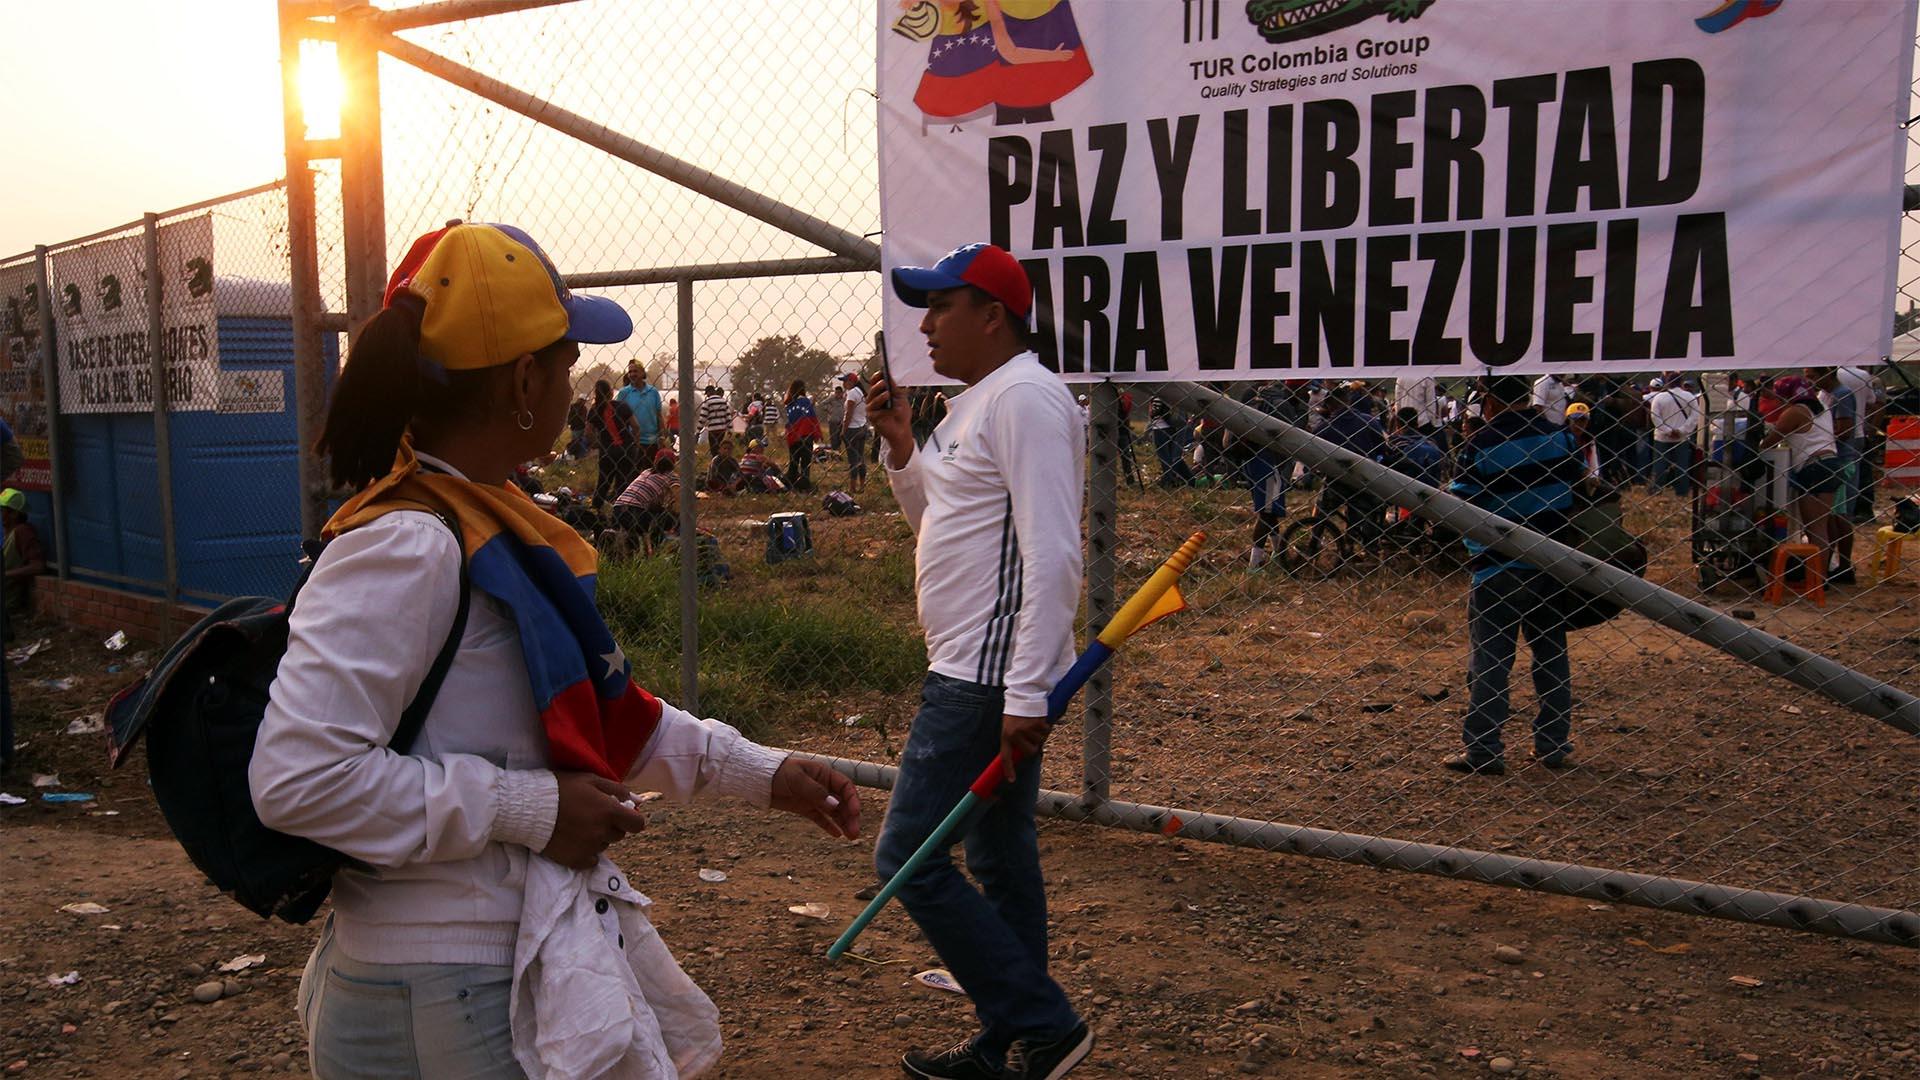 Ciudadanos venezolanos se reúnen cerca del puente internacional Tienditas este sábado, en Cúcuta, Colombia (EFE)